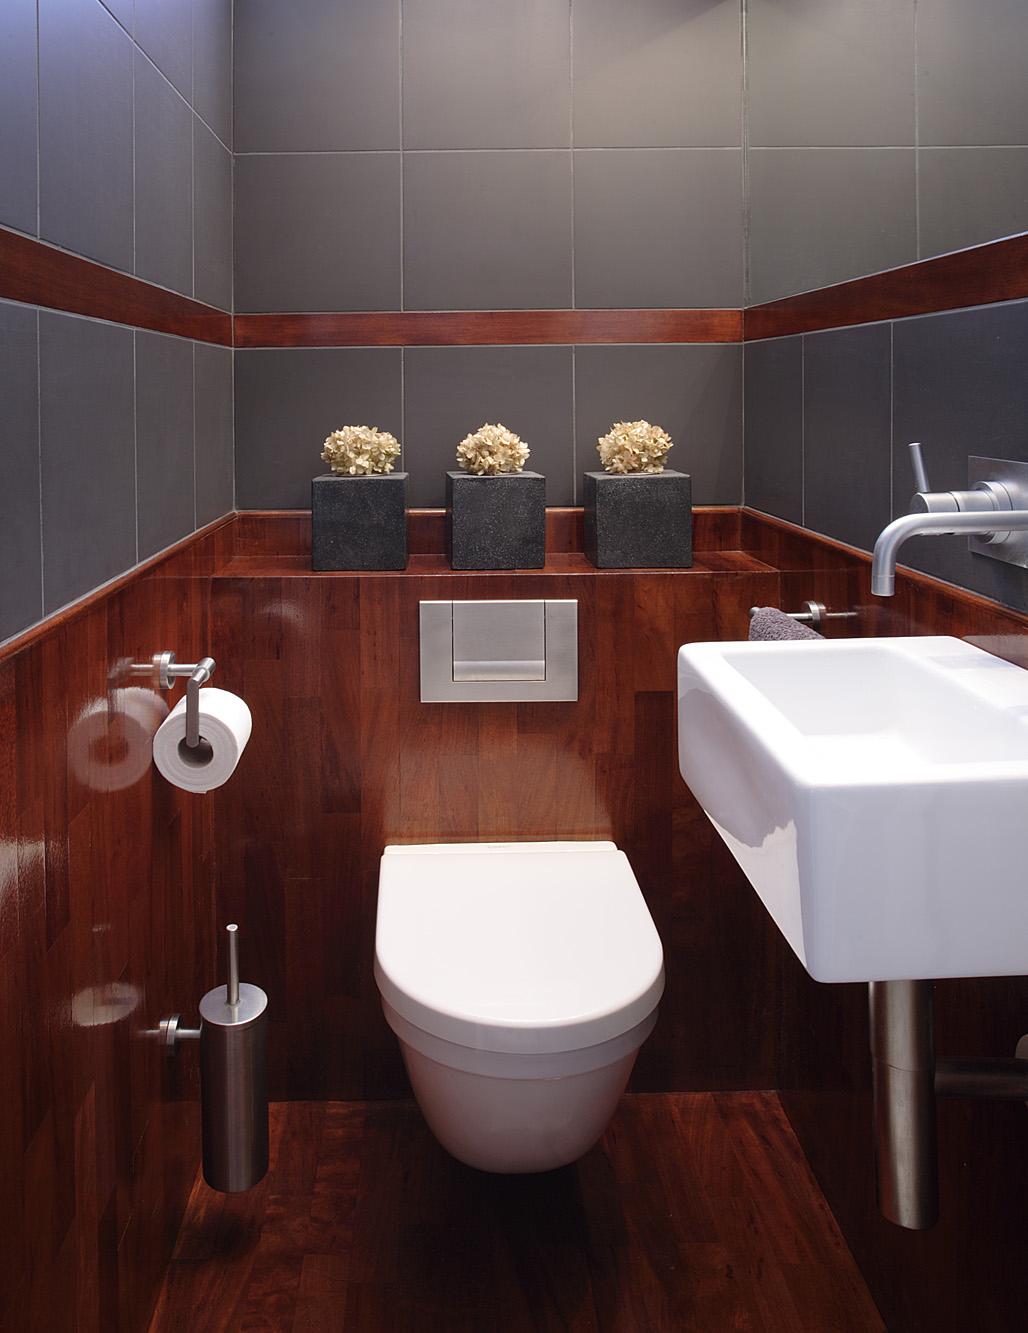 Toaleta lazienka w wgzotycznym drewnie.jpg